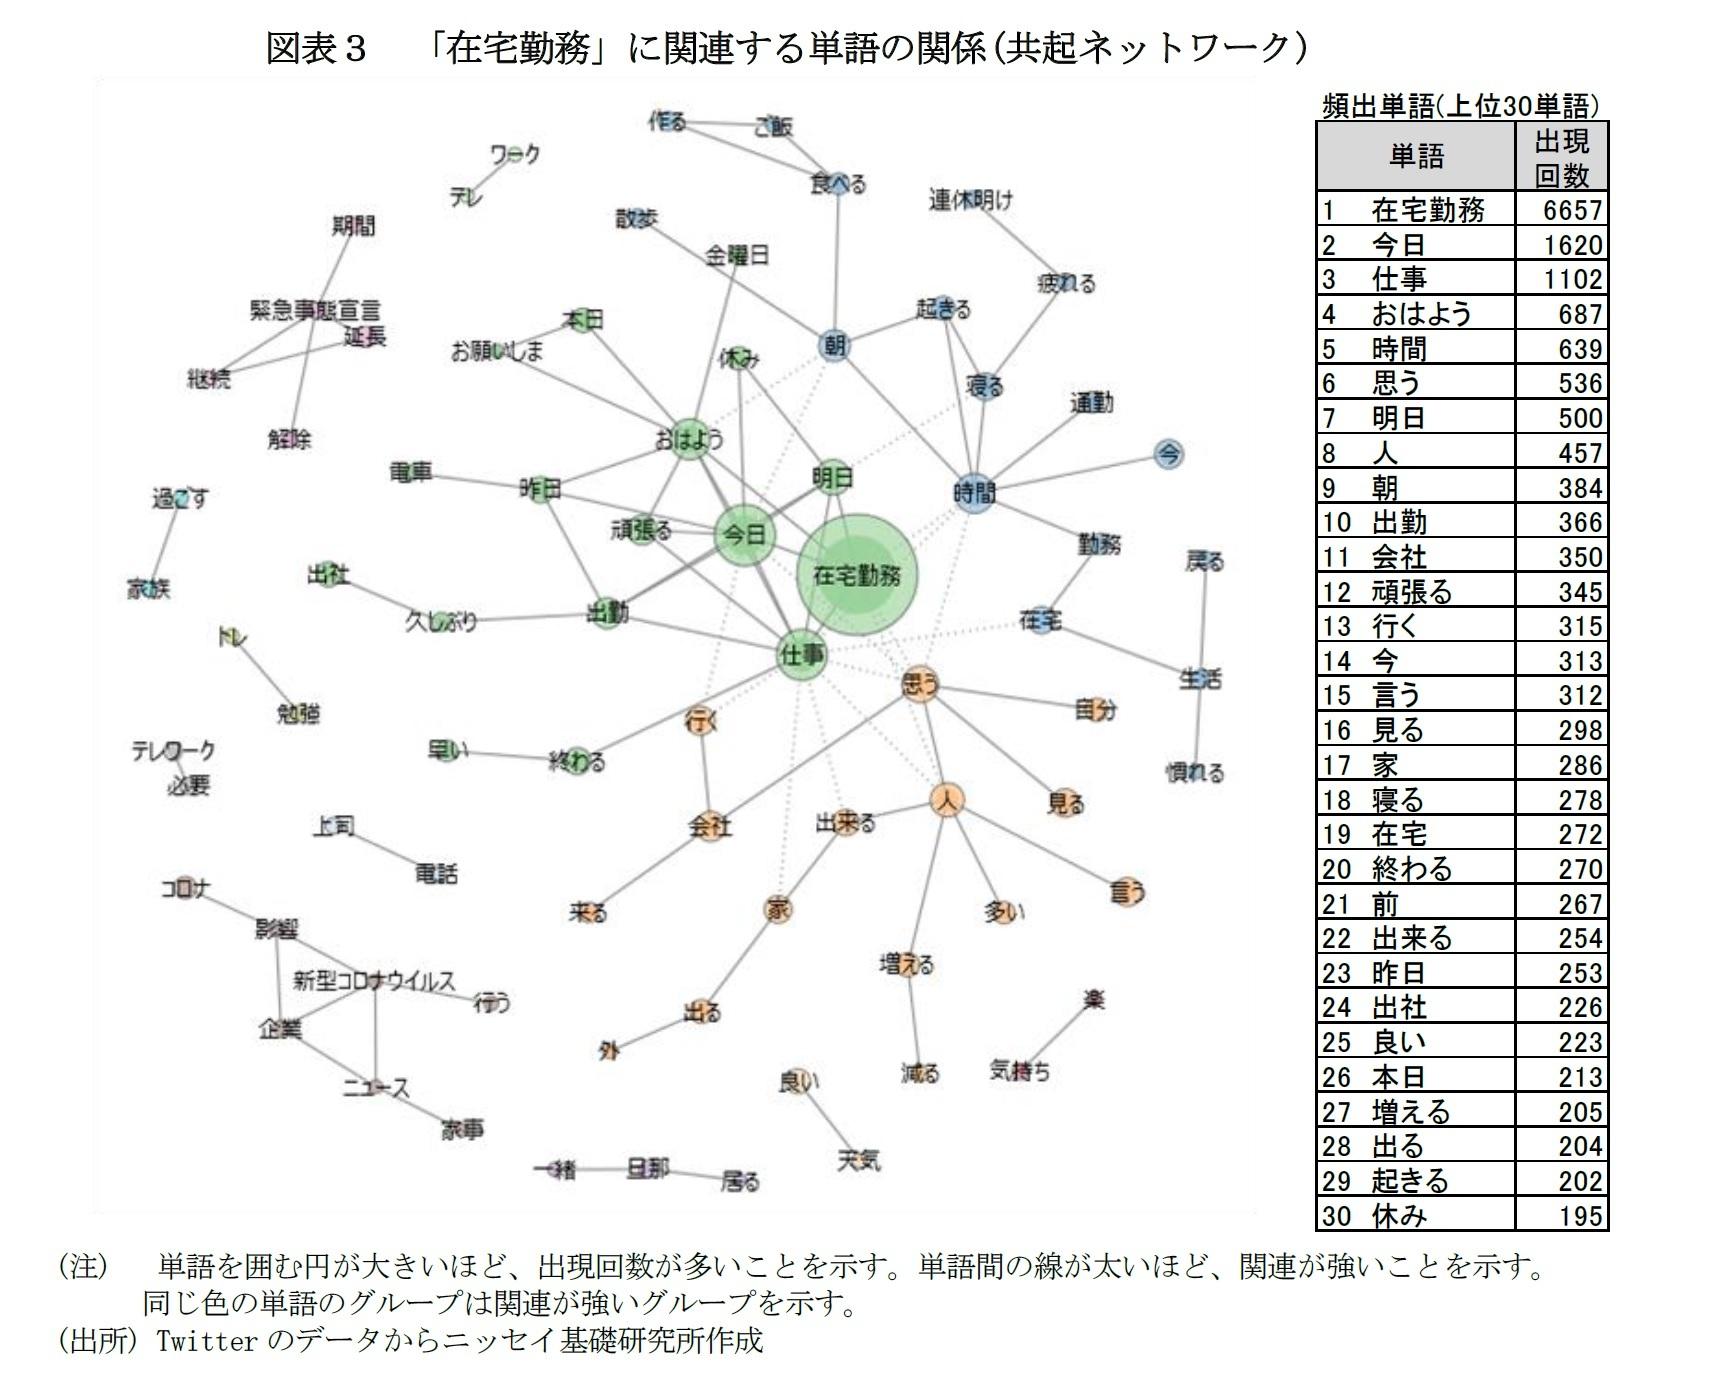 図表3 「在宅勤務」に関連する単語の関係(共起ネットワーク)